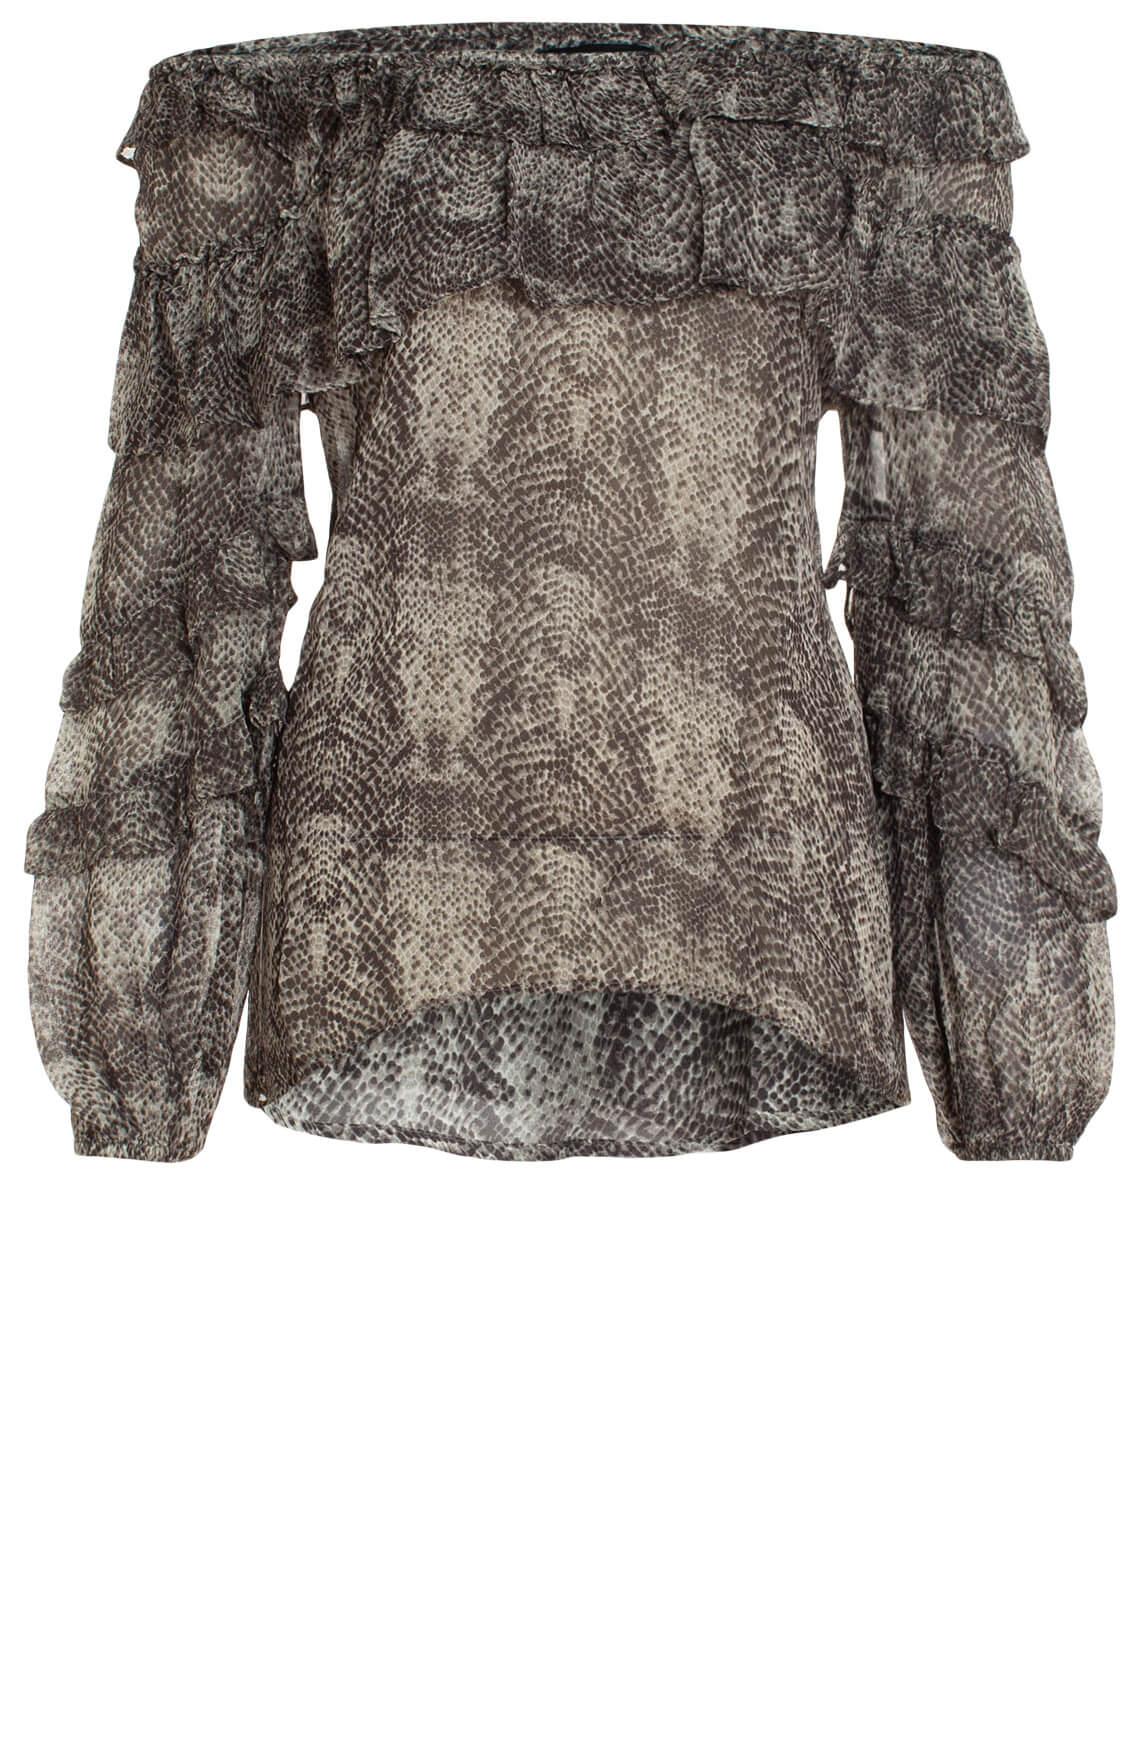 Alix The Label Dames Off shoulder blouse met reptielprint zwart